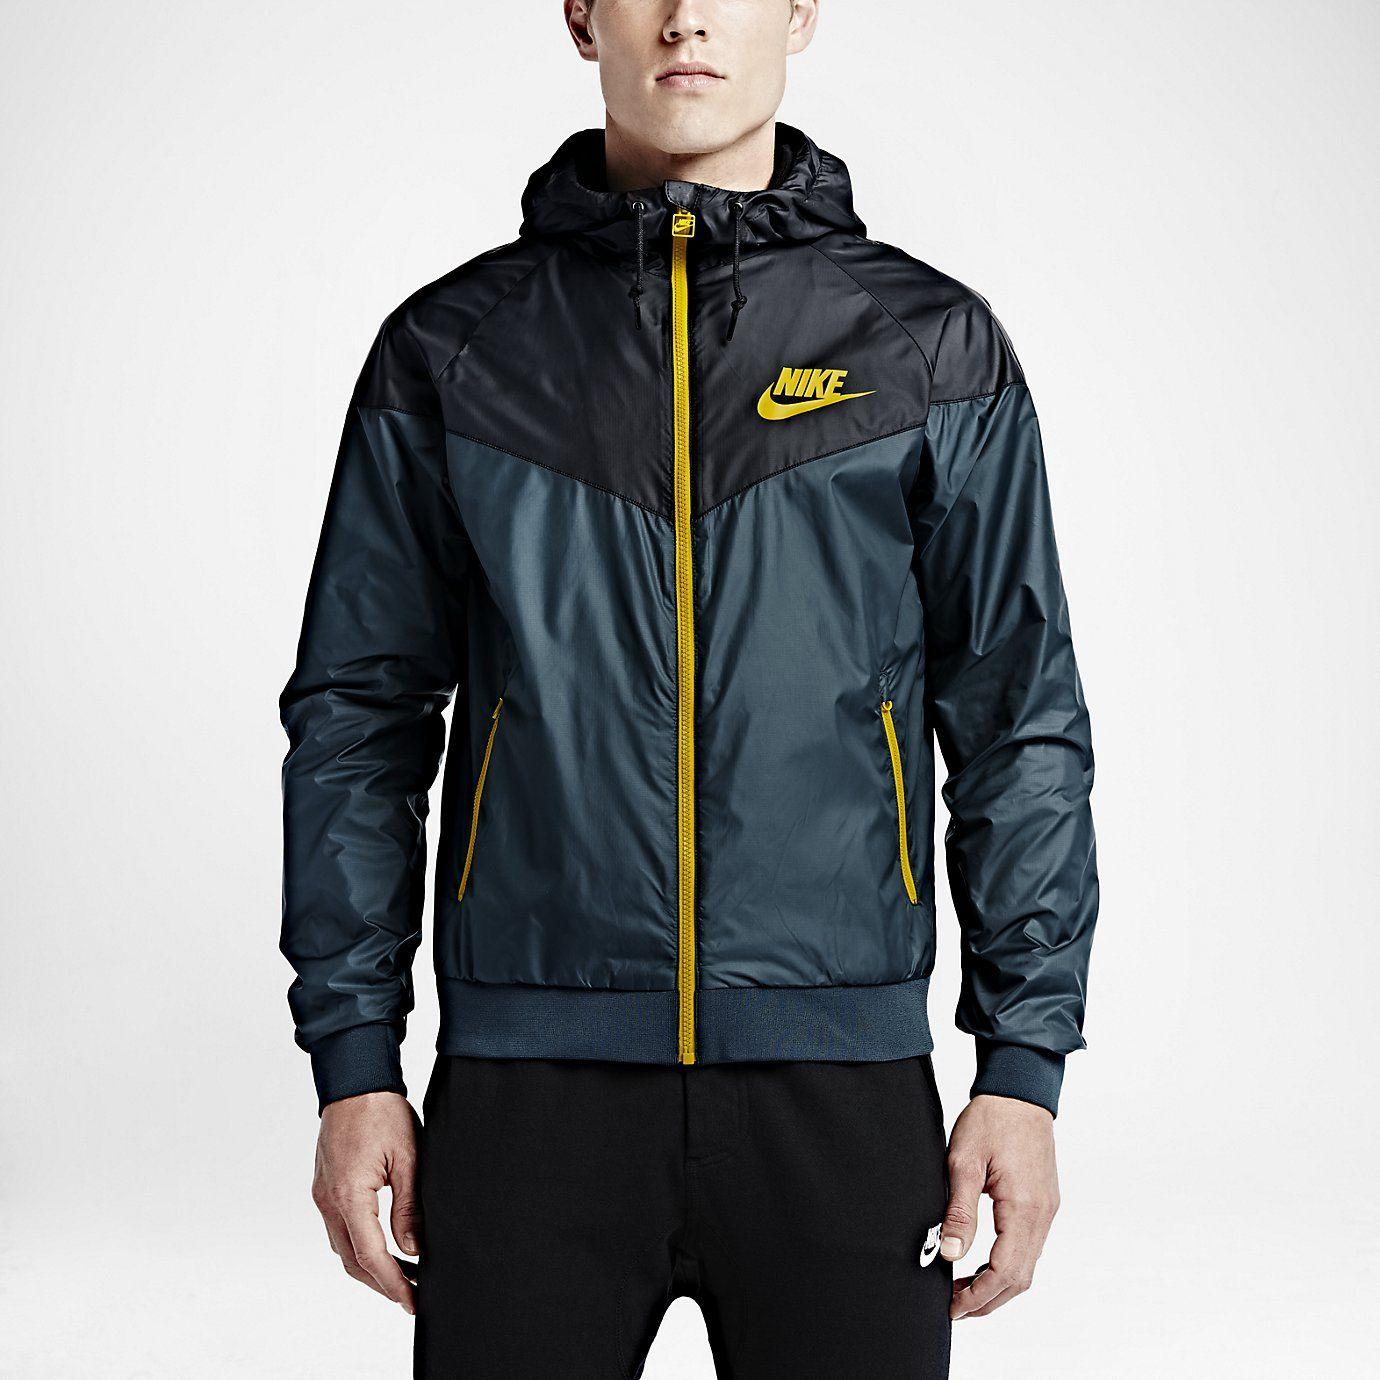 Nike windrunner menus jacket nike store nike in pinterest